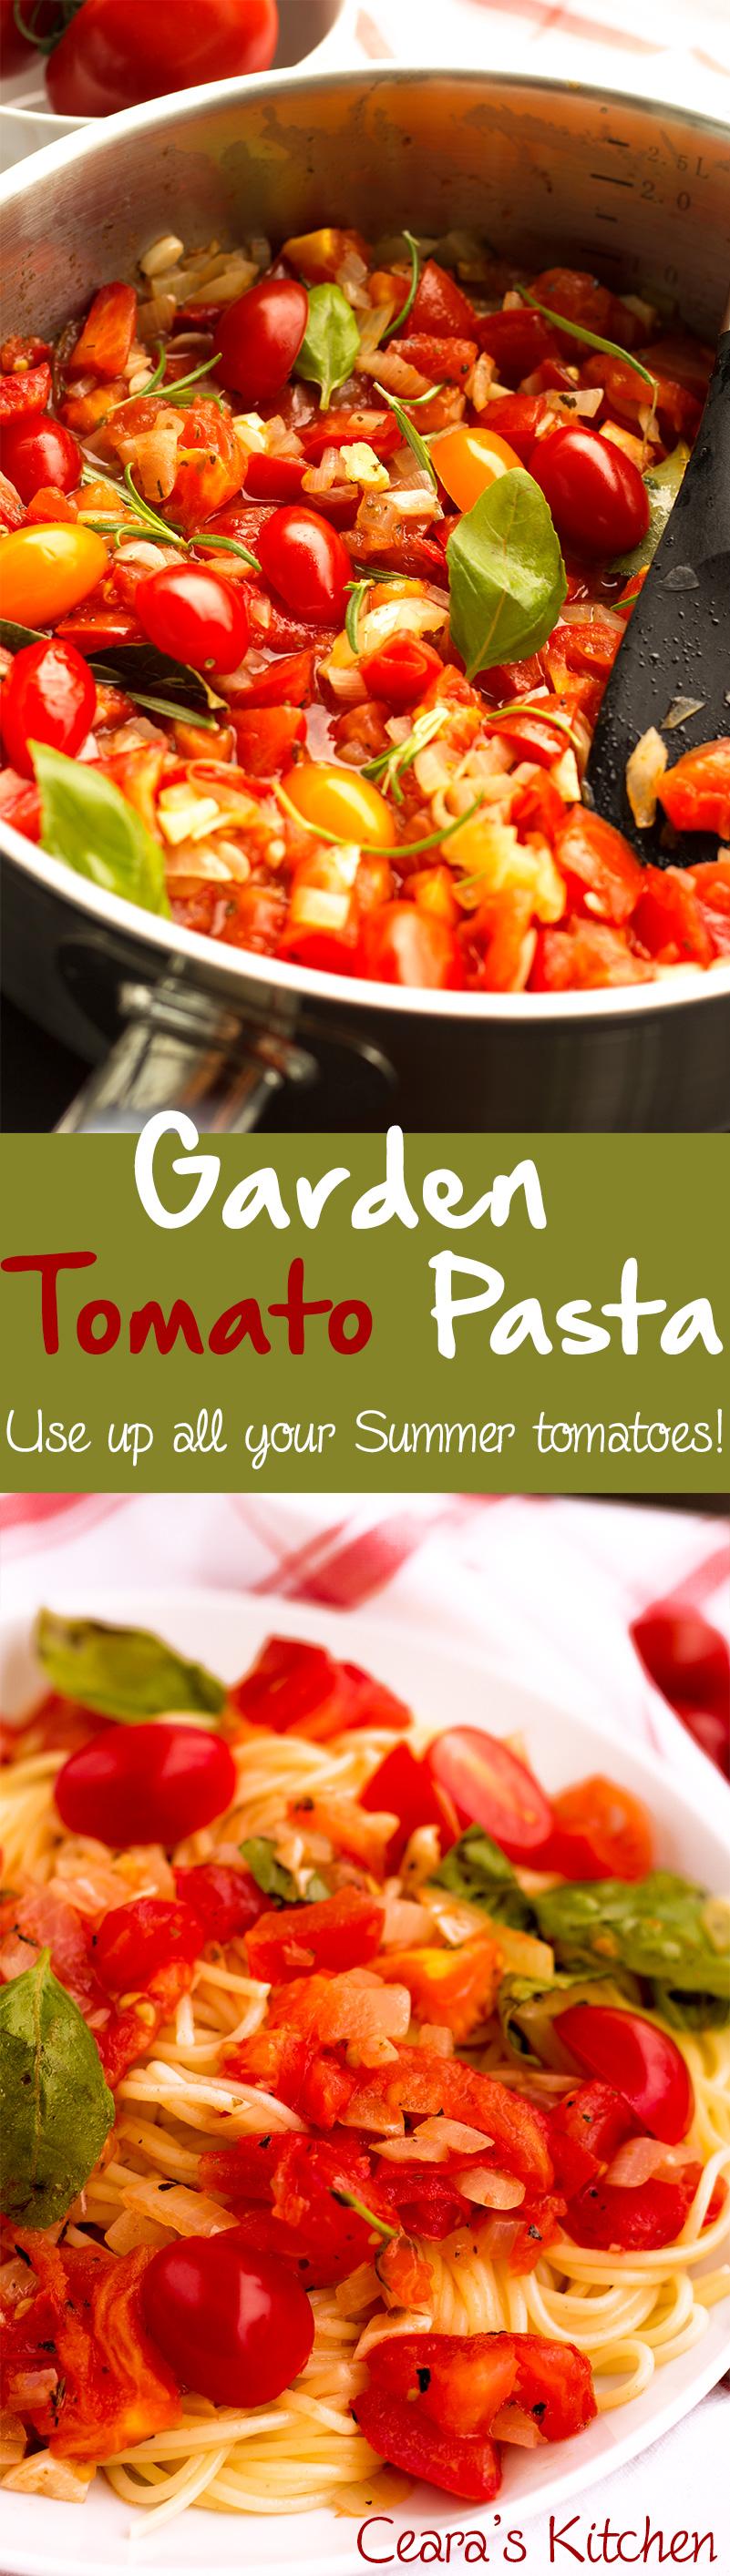 garden tomato pasta